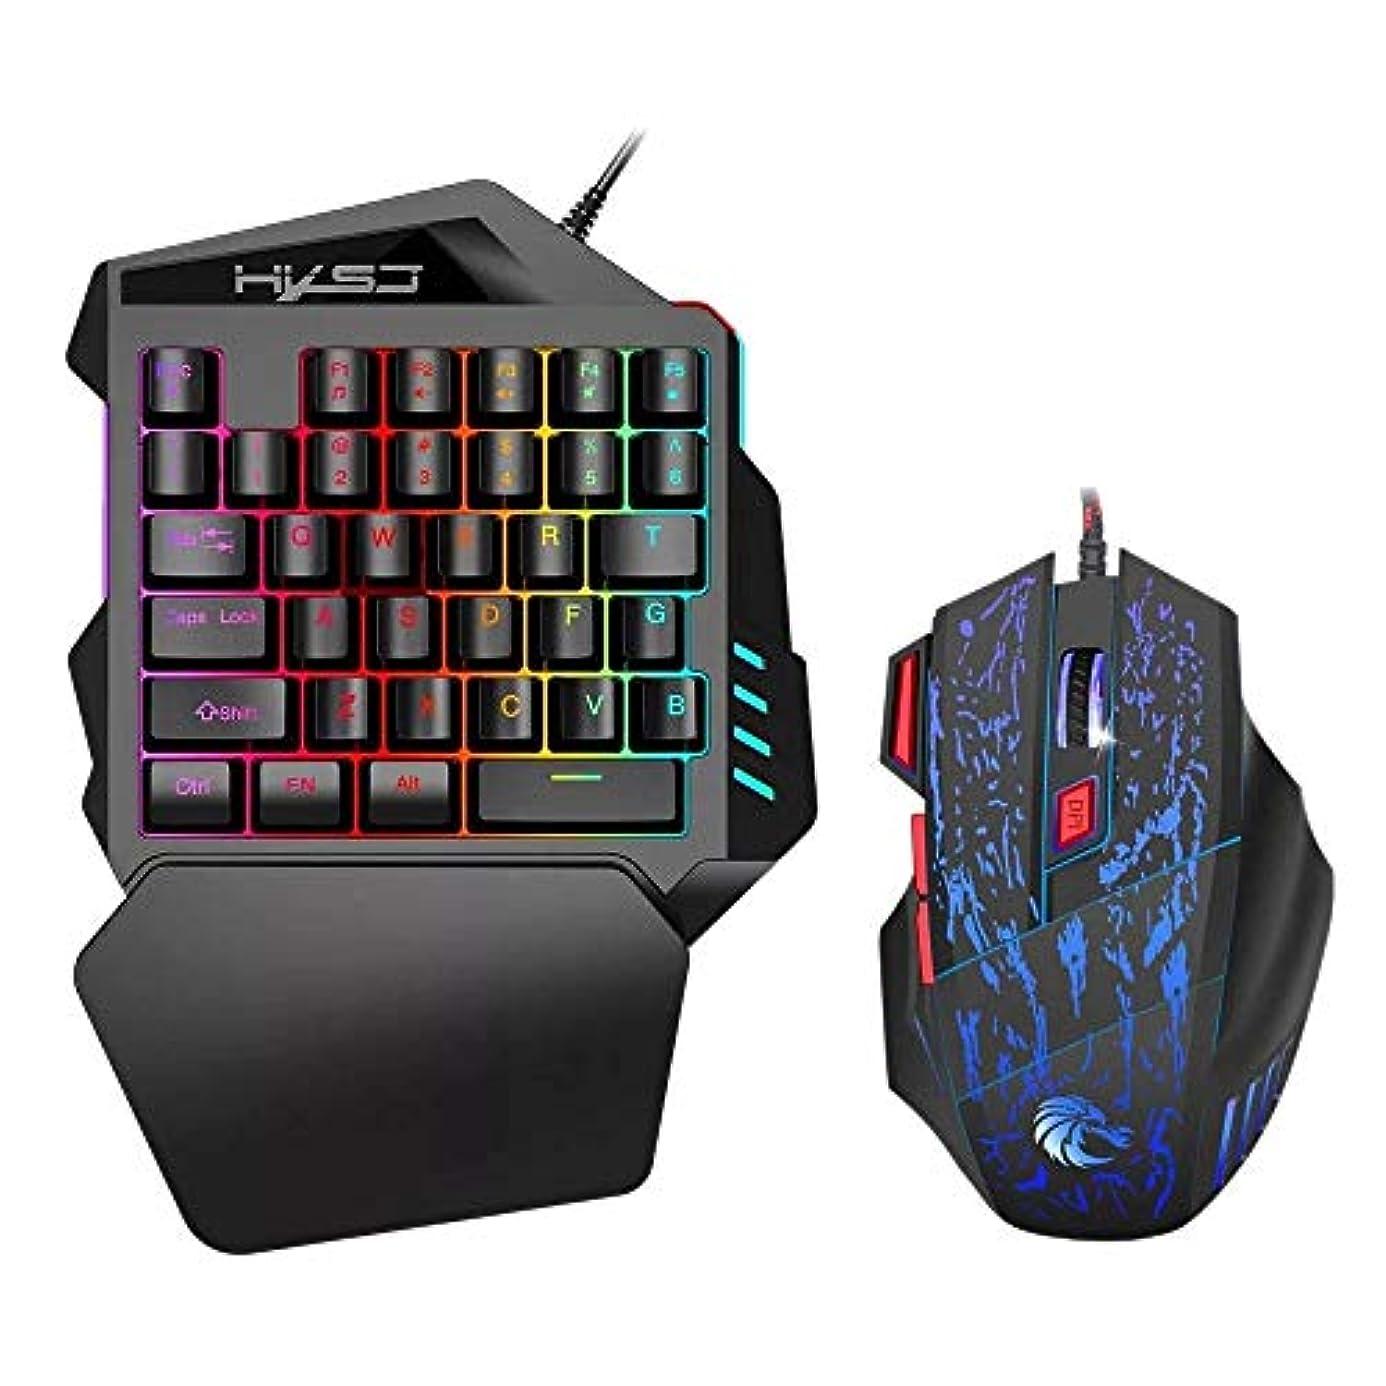 普及お酢勃起RETYLY V100+H300 片手で操作できるゲーミングキーボード、35キー、LEDバックライト+有線ゲーミングマウス、呼吸灯付き、5500 Dpi 7ボタンのキーボードおよびマウスの組み合わせ